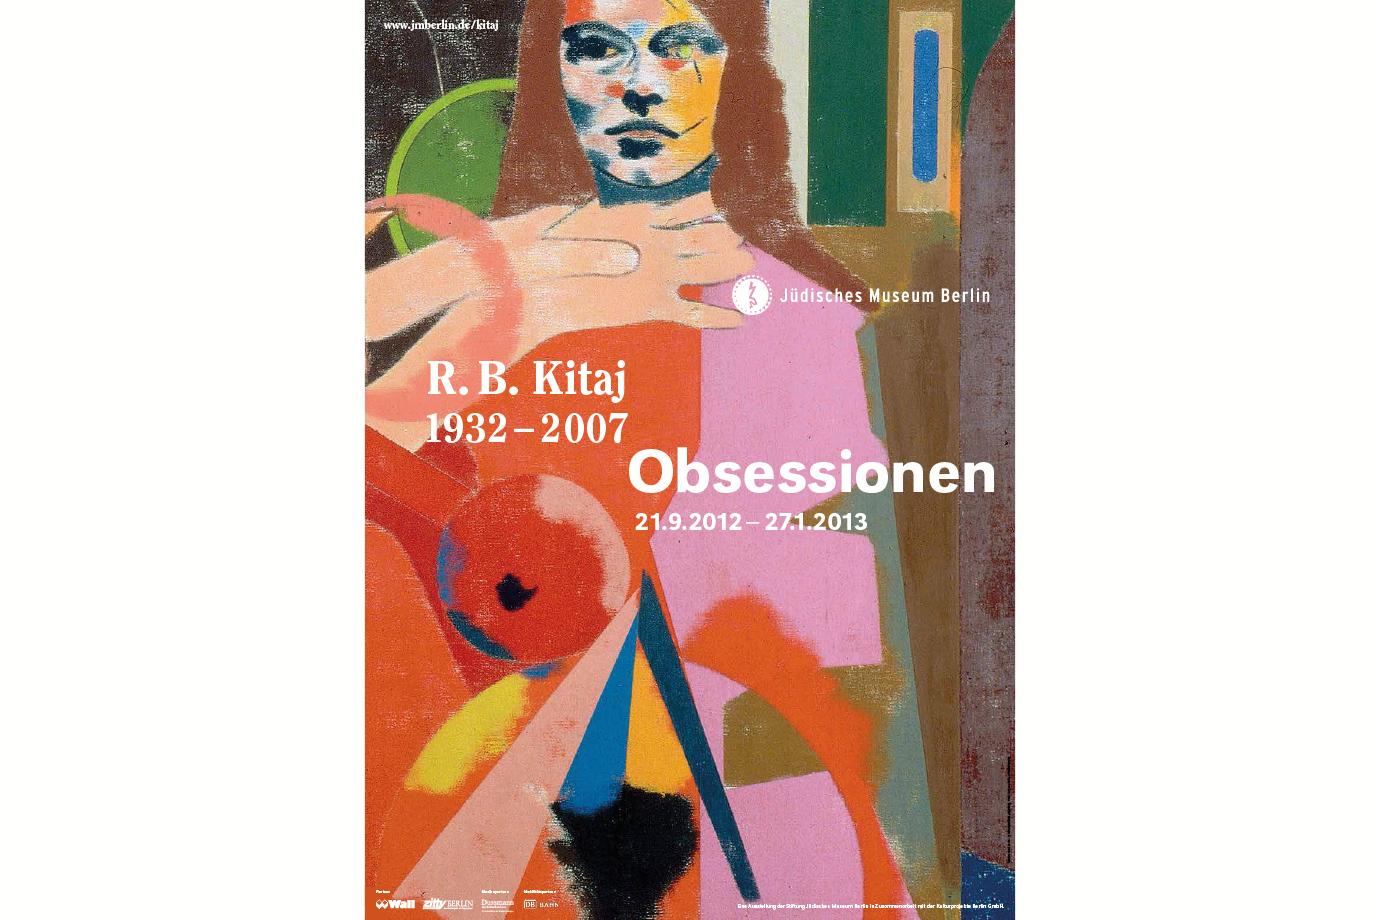 http://e-o-t.de/wordpress/wp-content/uploads/2017/06/eot-2012-Kitaj-Poster-4.jpg